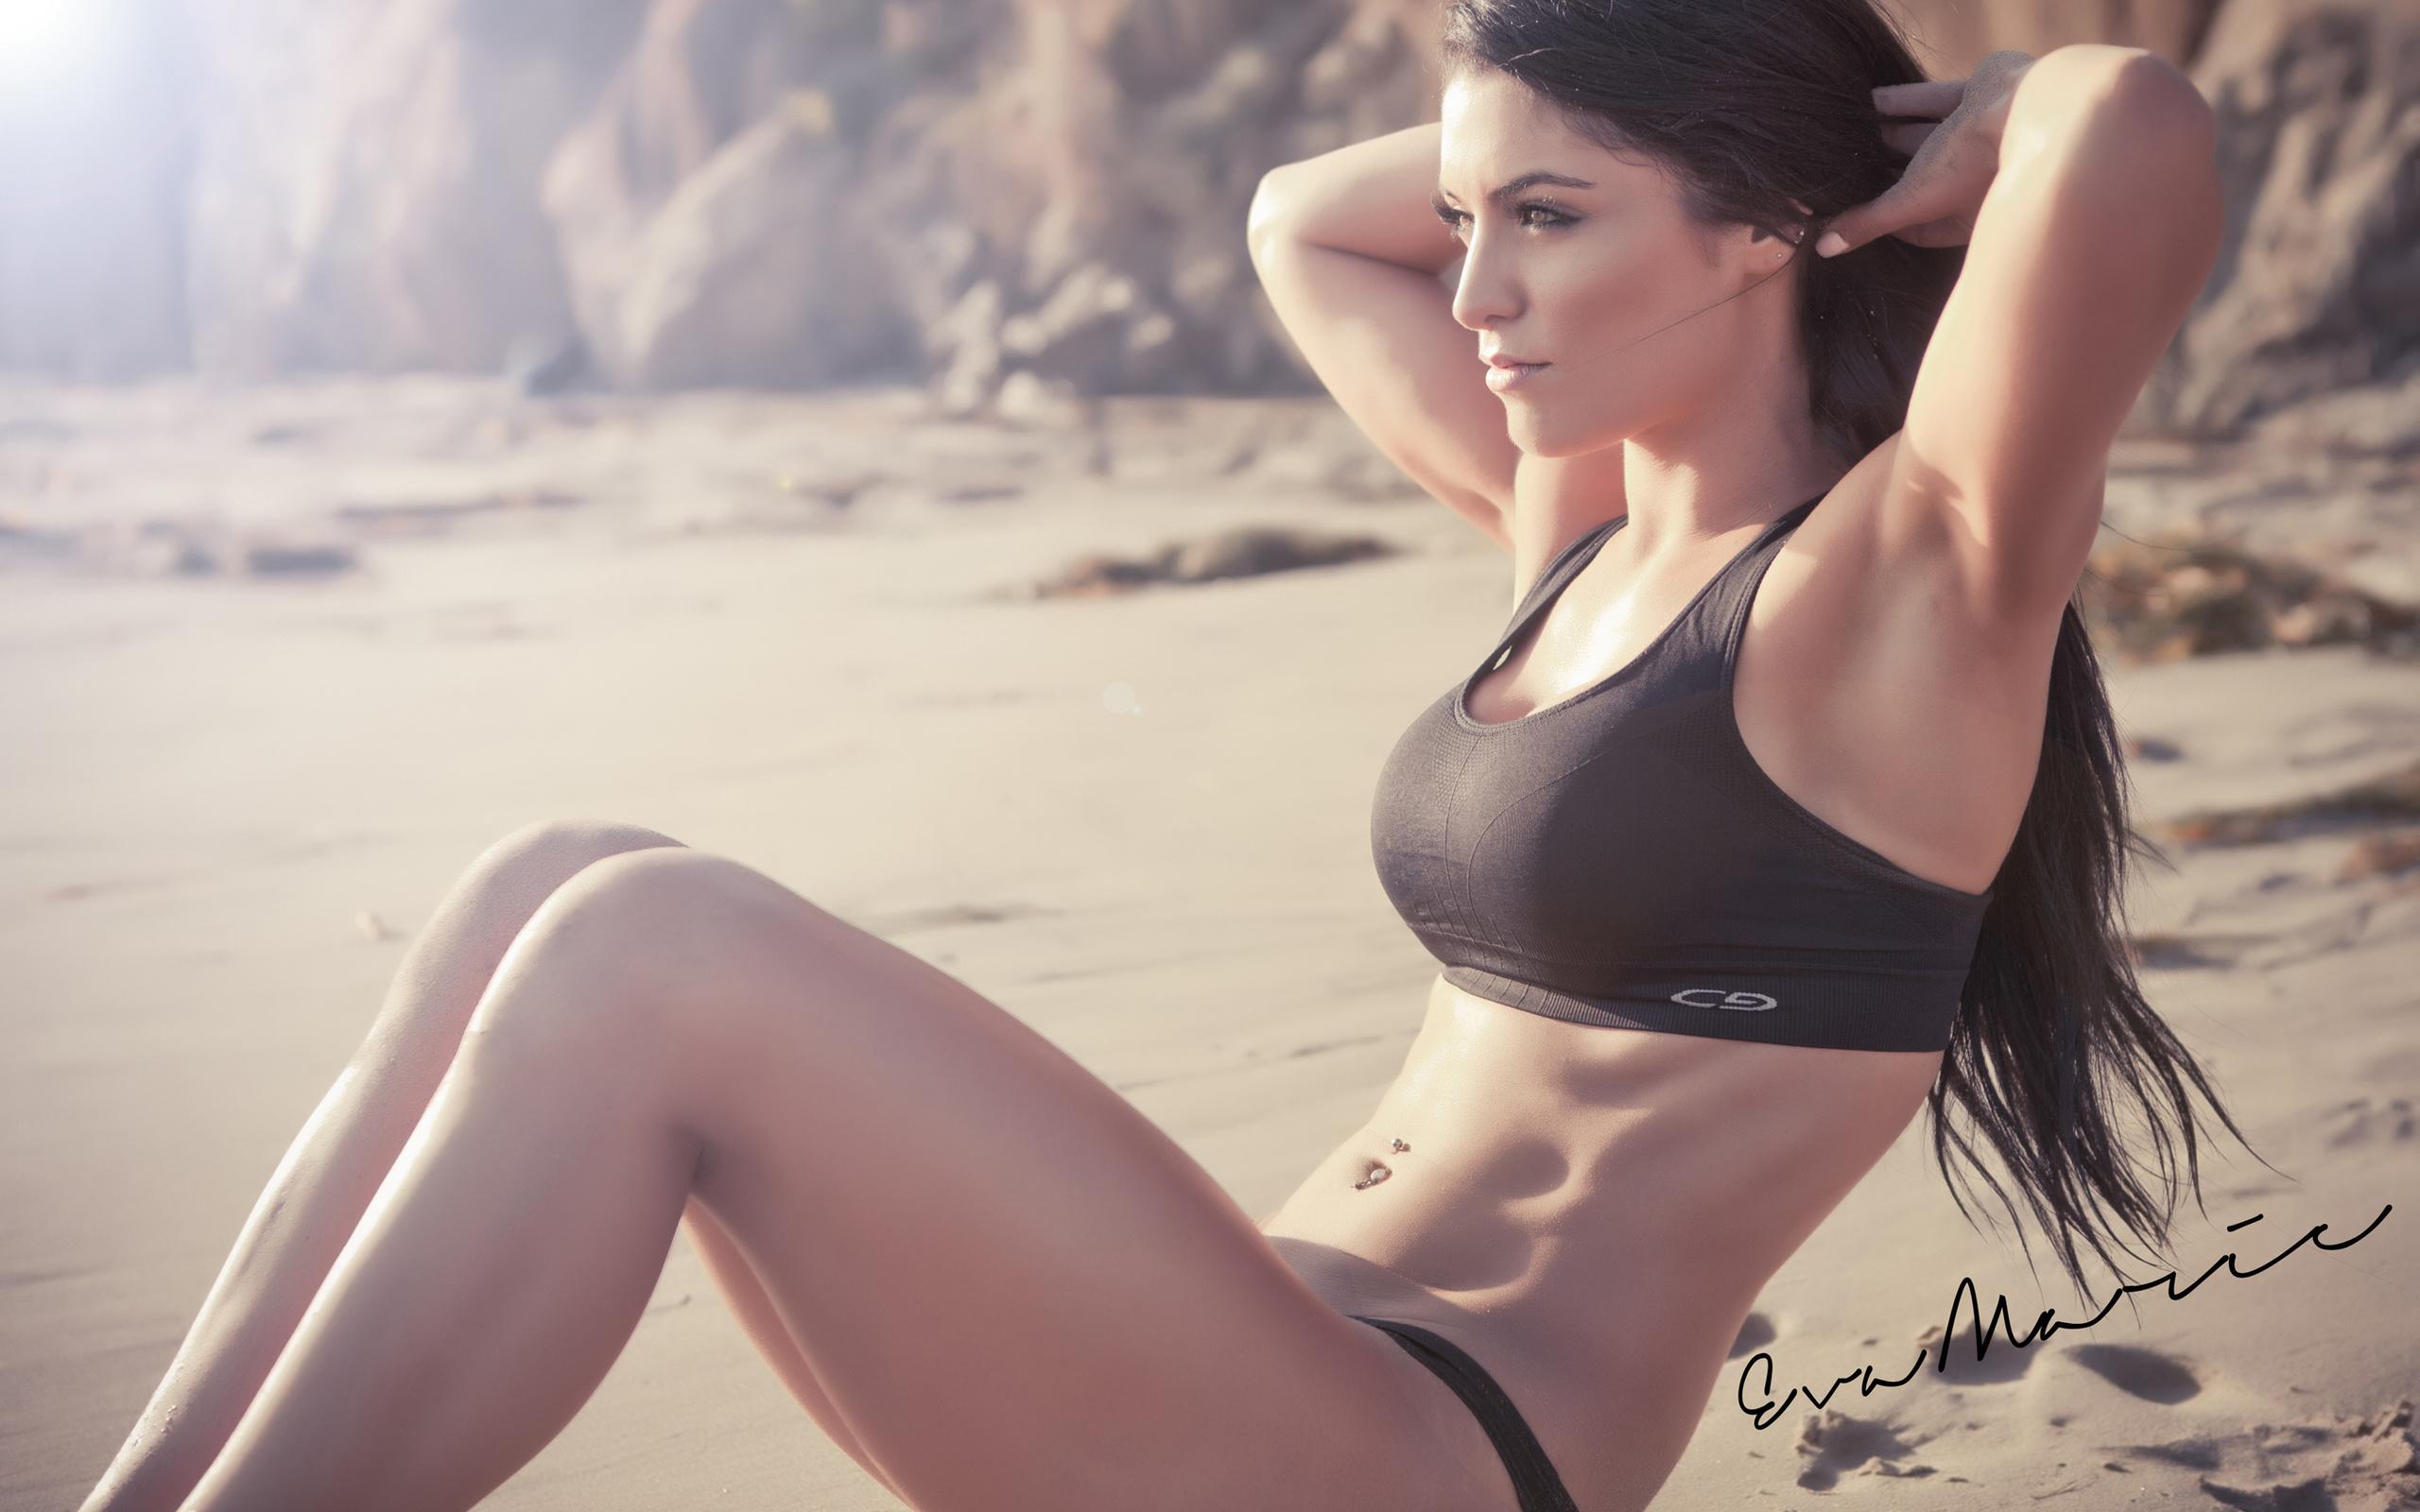 Спортивные девушки на пляже, Сексуальные девушки на пляже Ежедневный мужской 22 фотография